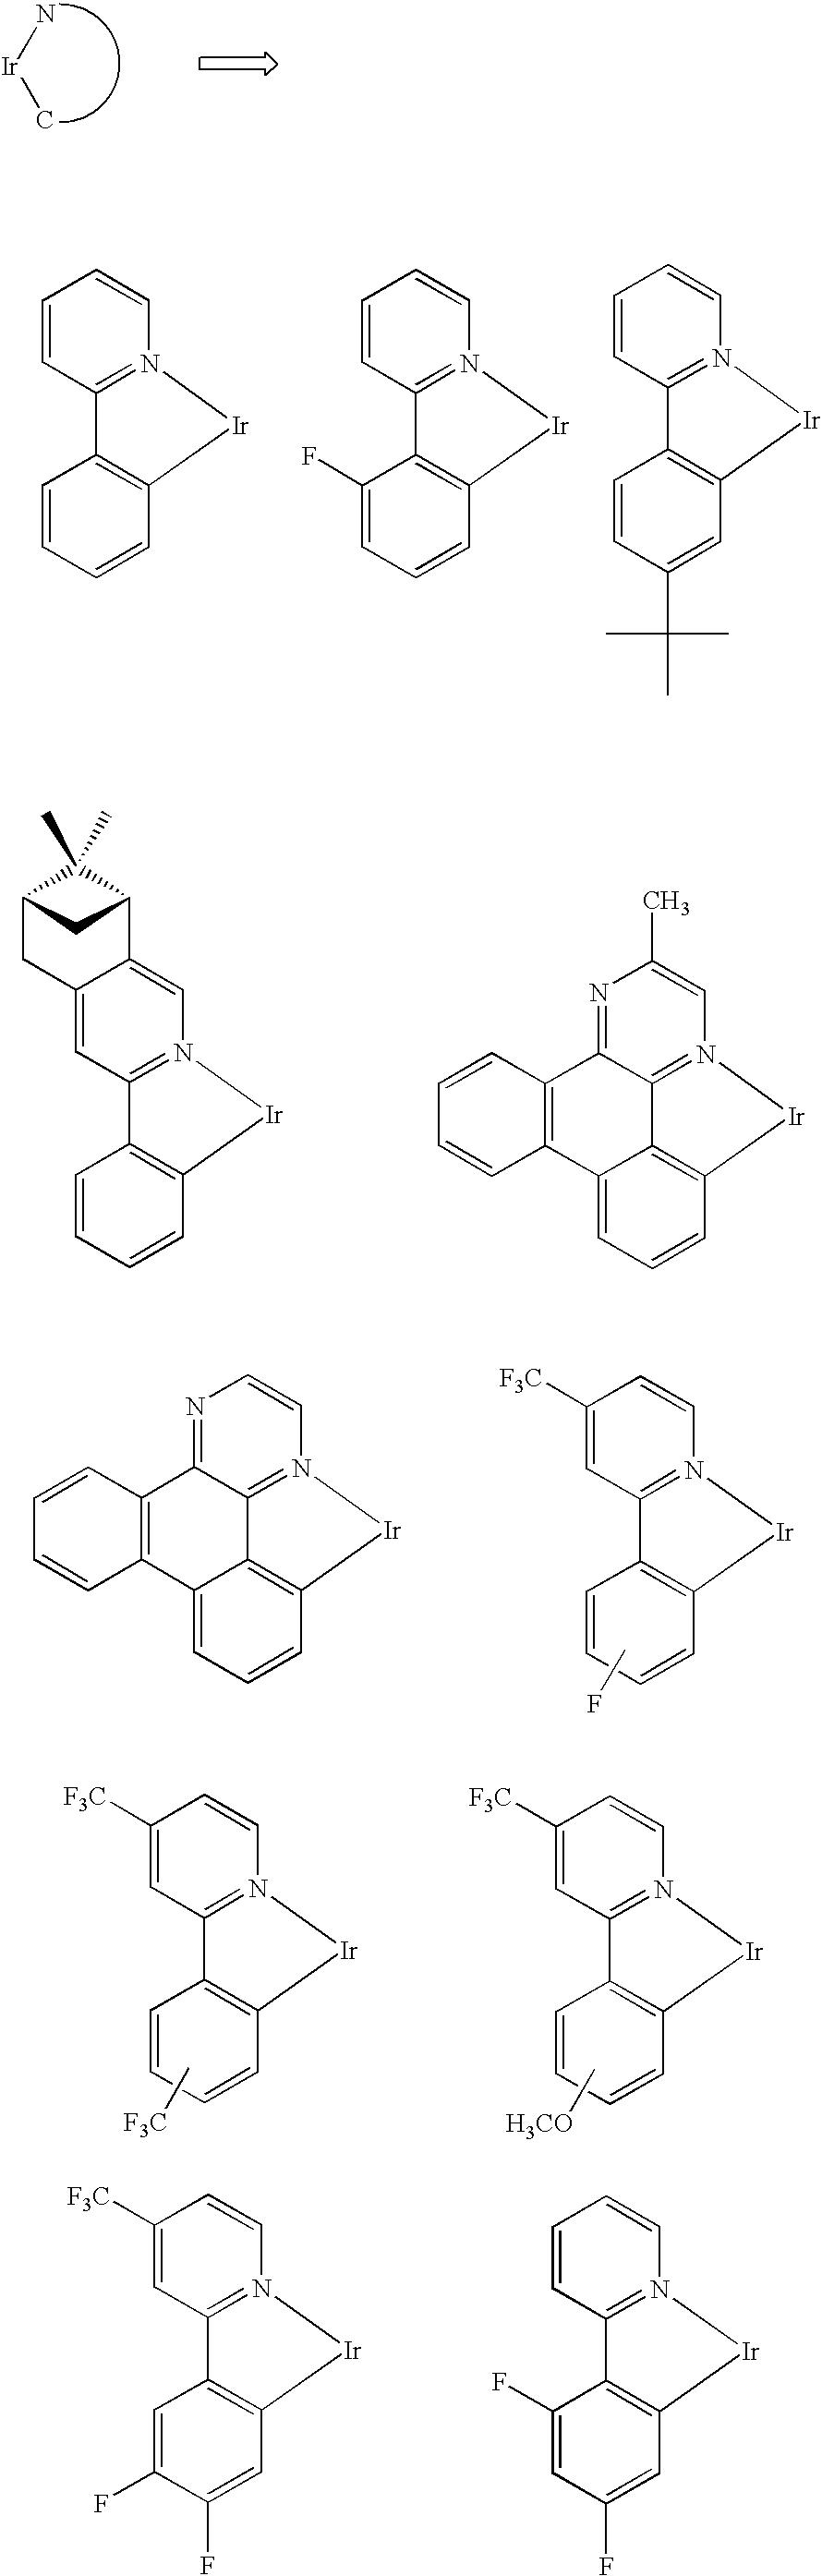 Figure US20040260047A1-20041223-C00007